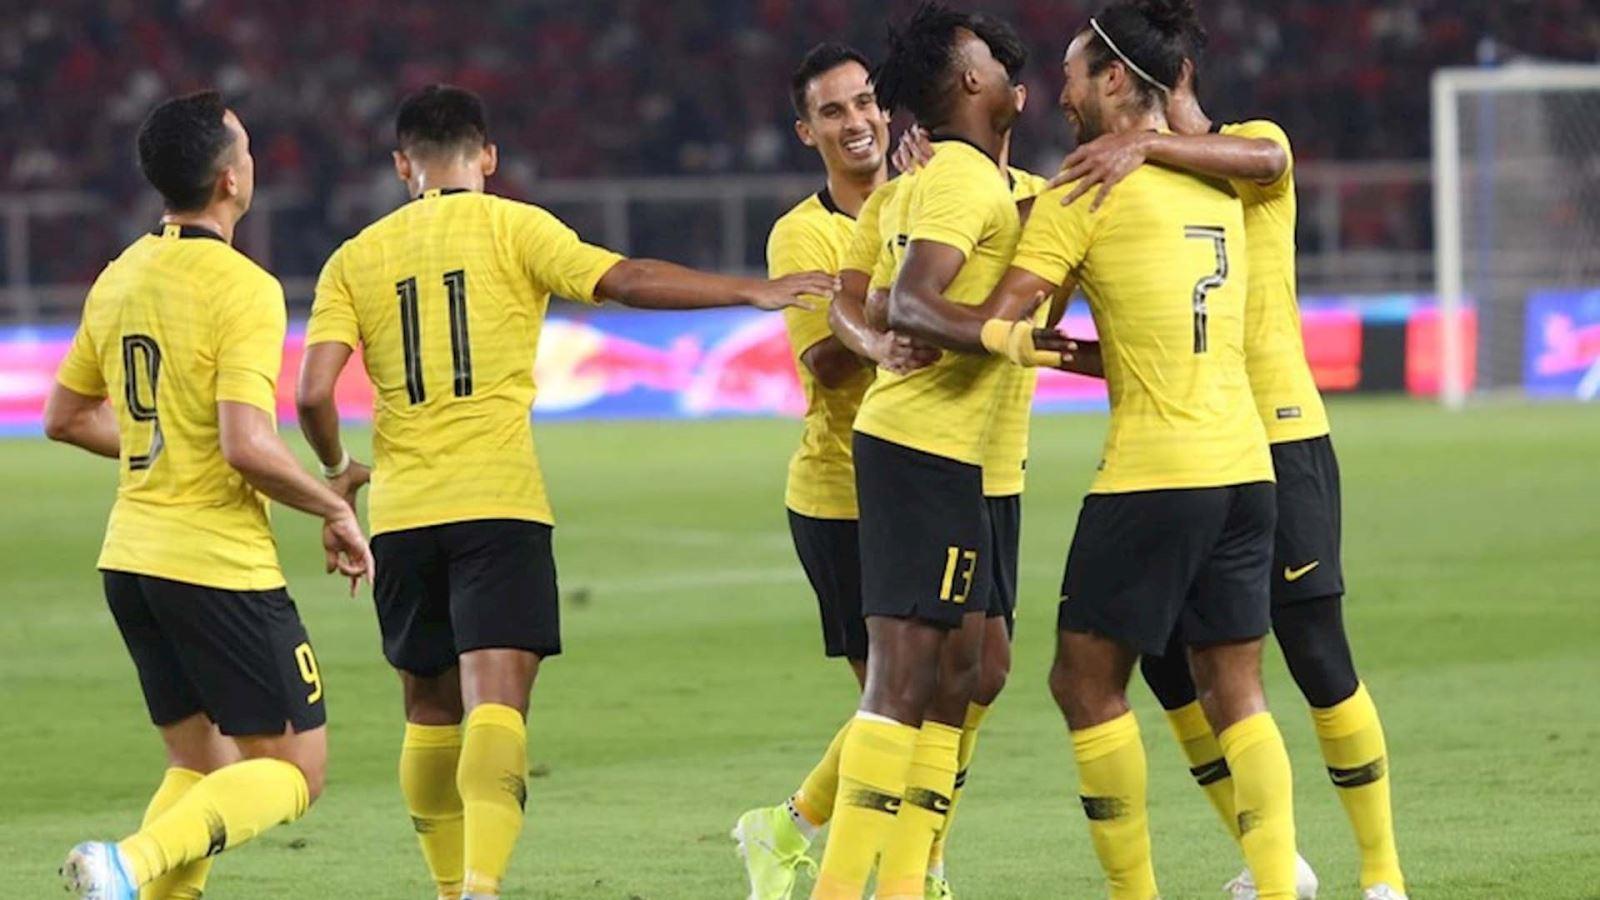 Trực tiếp bóng đá hôm nay: UAE vs Malaysia. VTV6 trực tiếp vòng loại World Cup 2022 châu Á